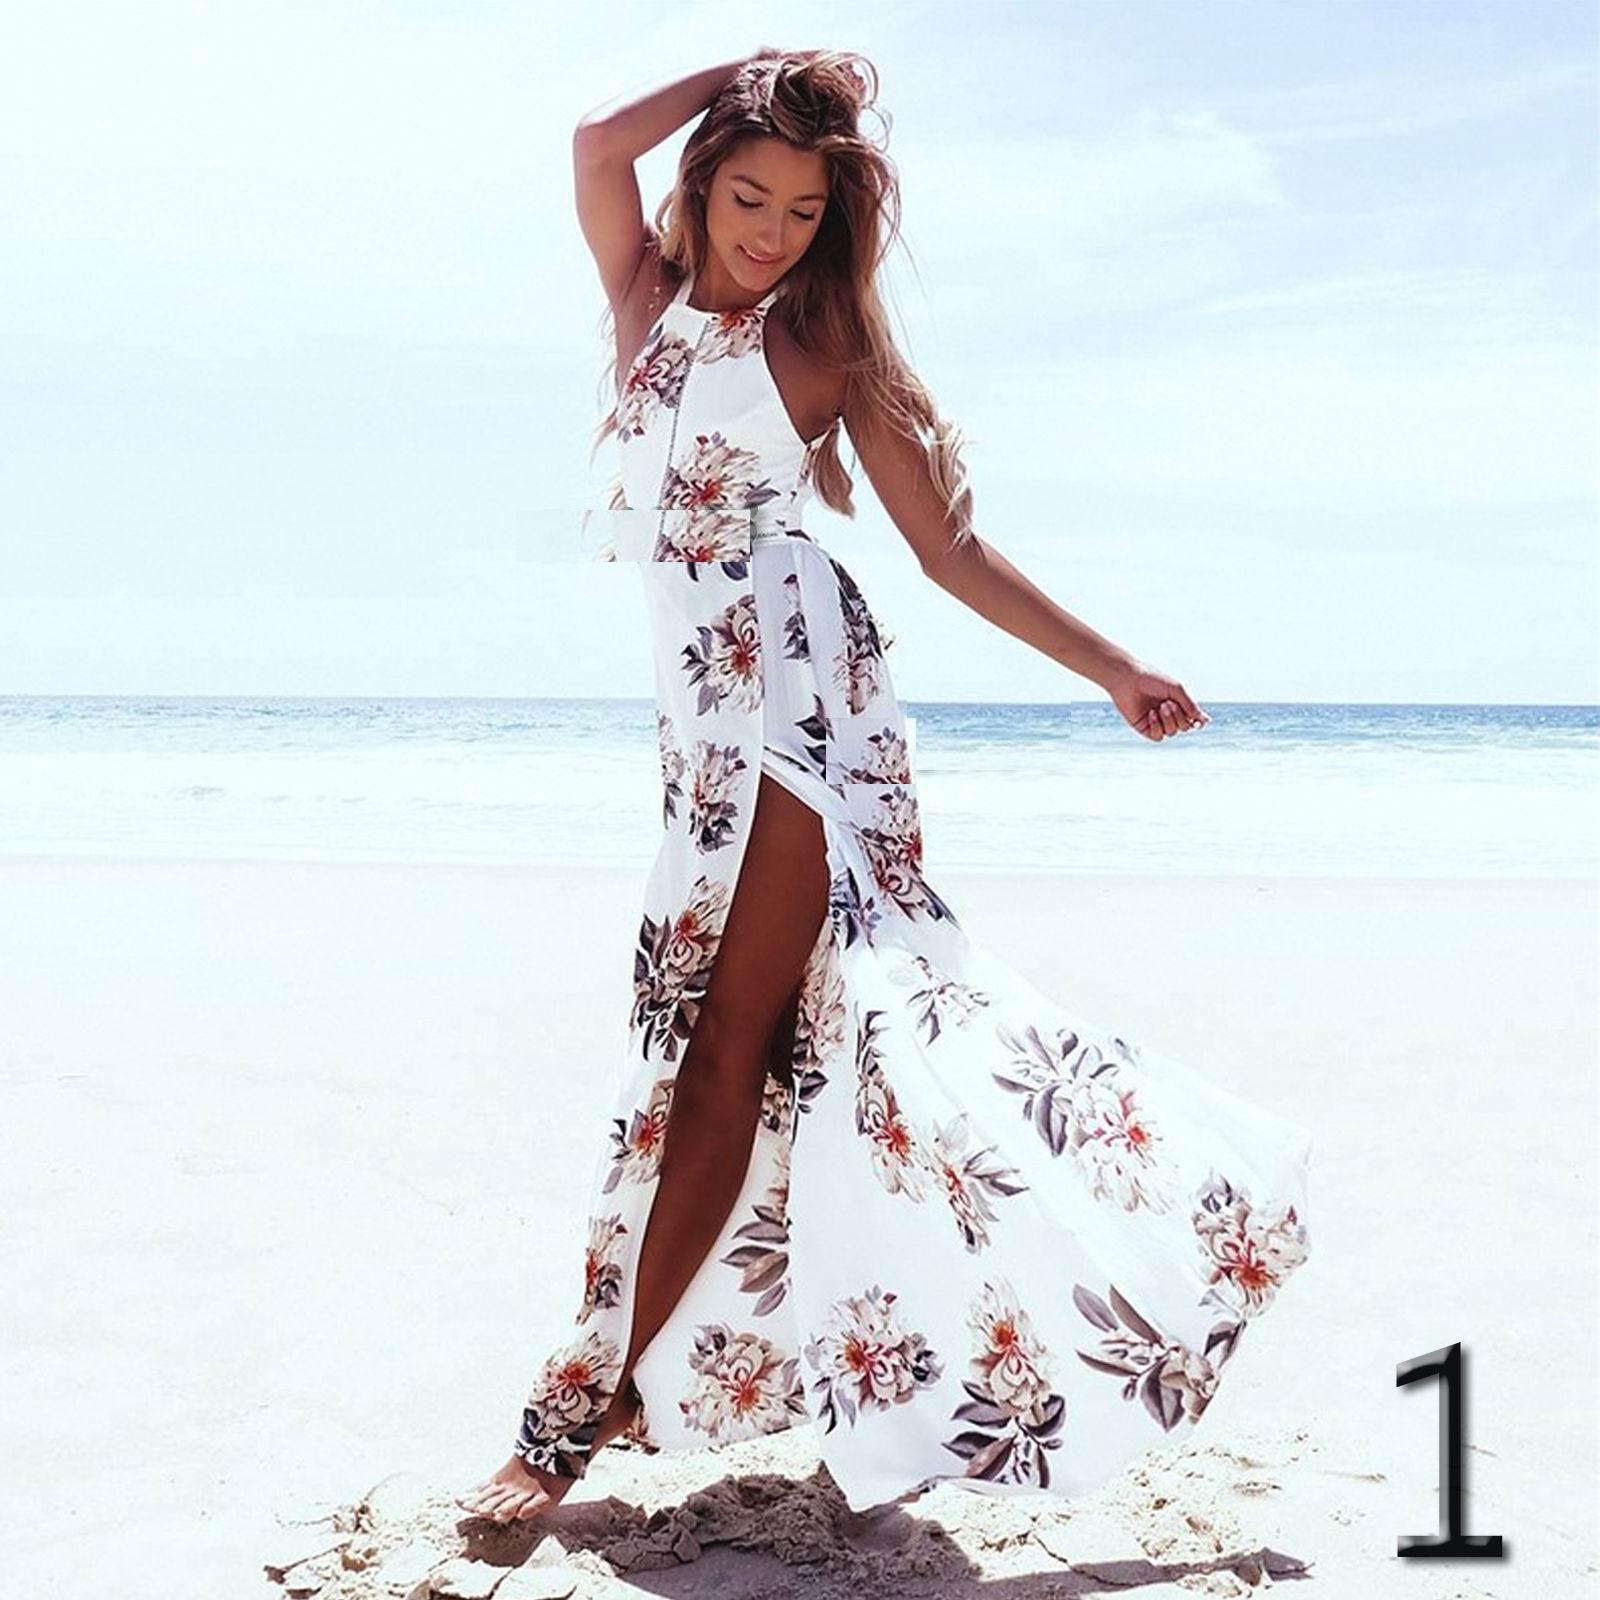 드레스 여성의 휴일 민소매 롱 스커트 여름 인쇄 접합 비치 스커트 여성의 수영복 선 비치 드레스